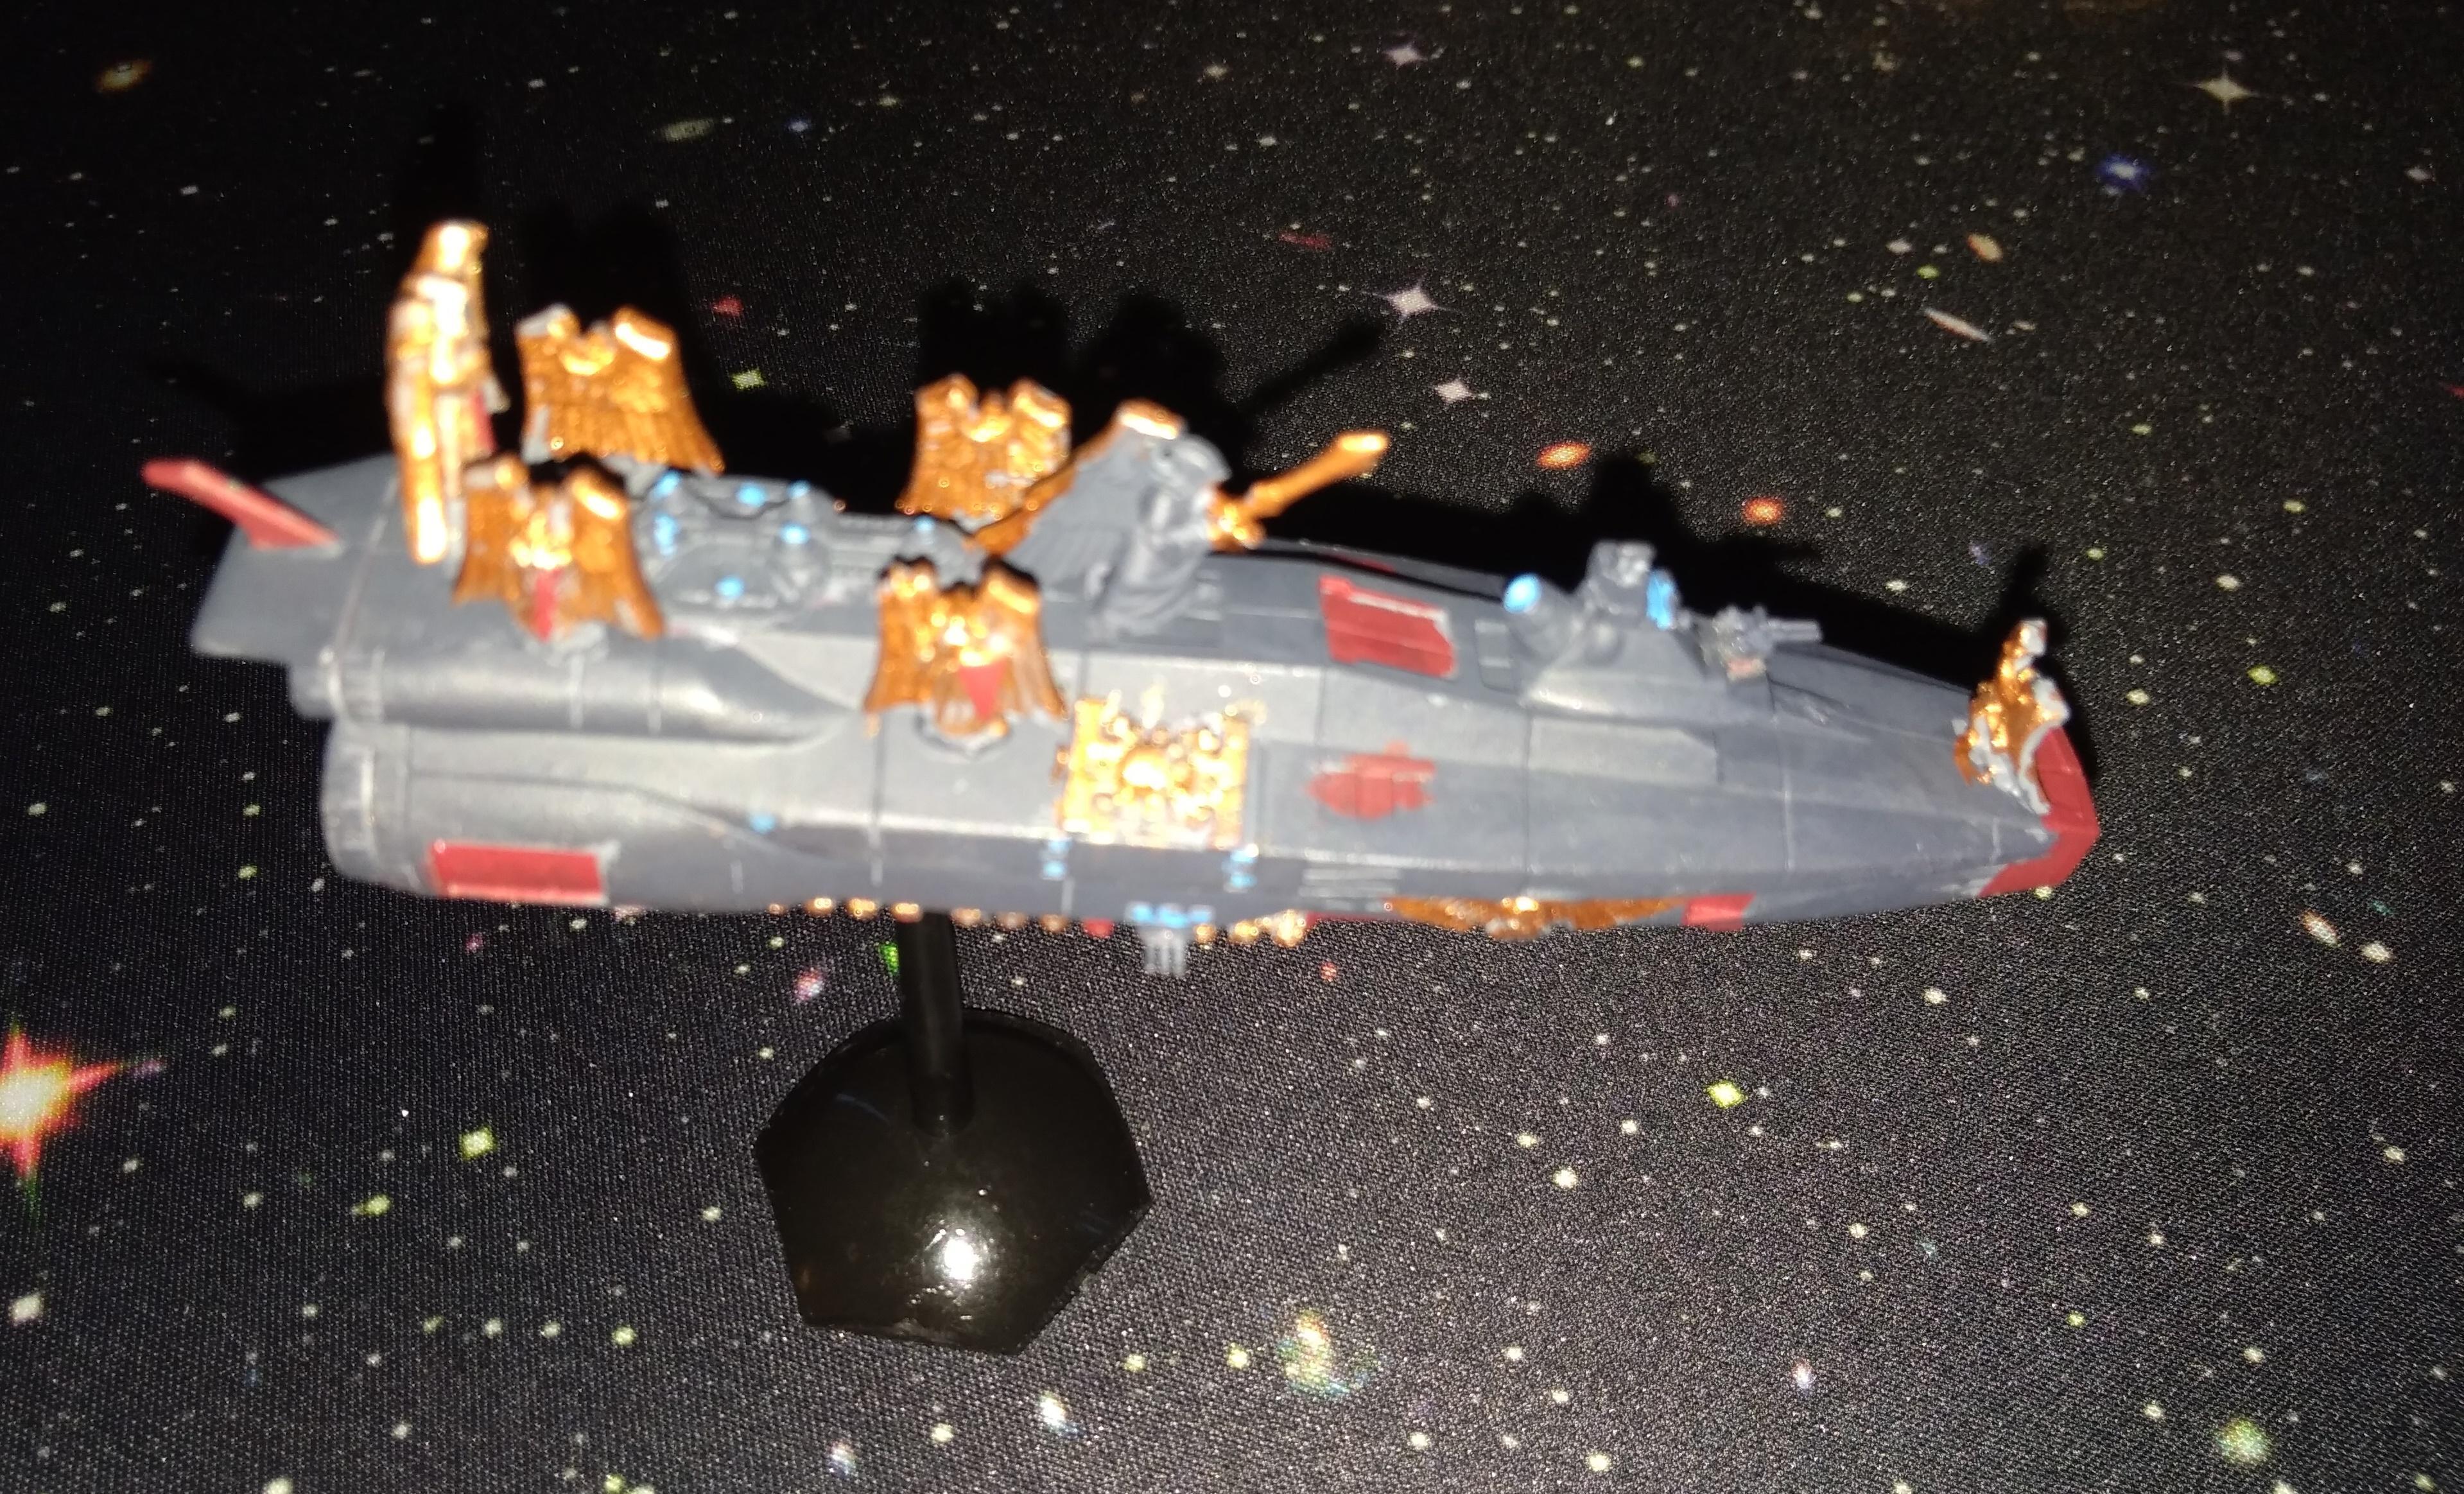 Bandai, Battlefleet Gothic, Black Ship, Inquisition, Mass Conveyor, Yamato